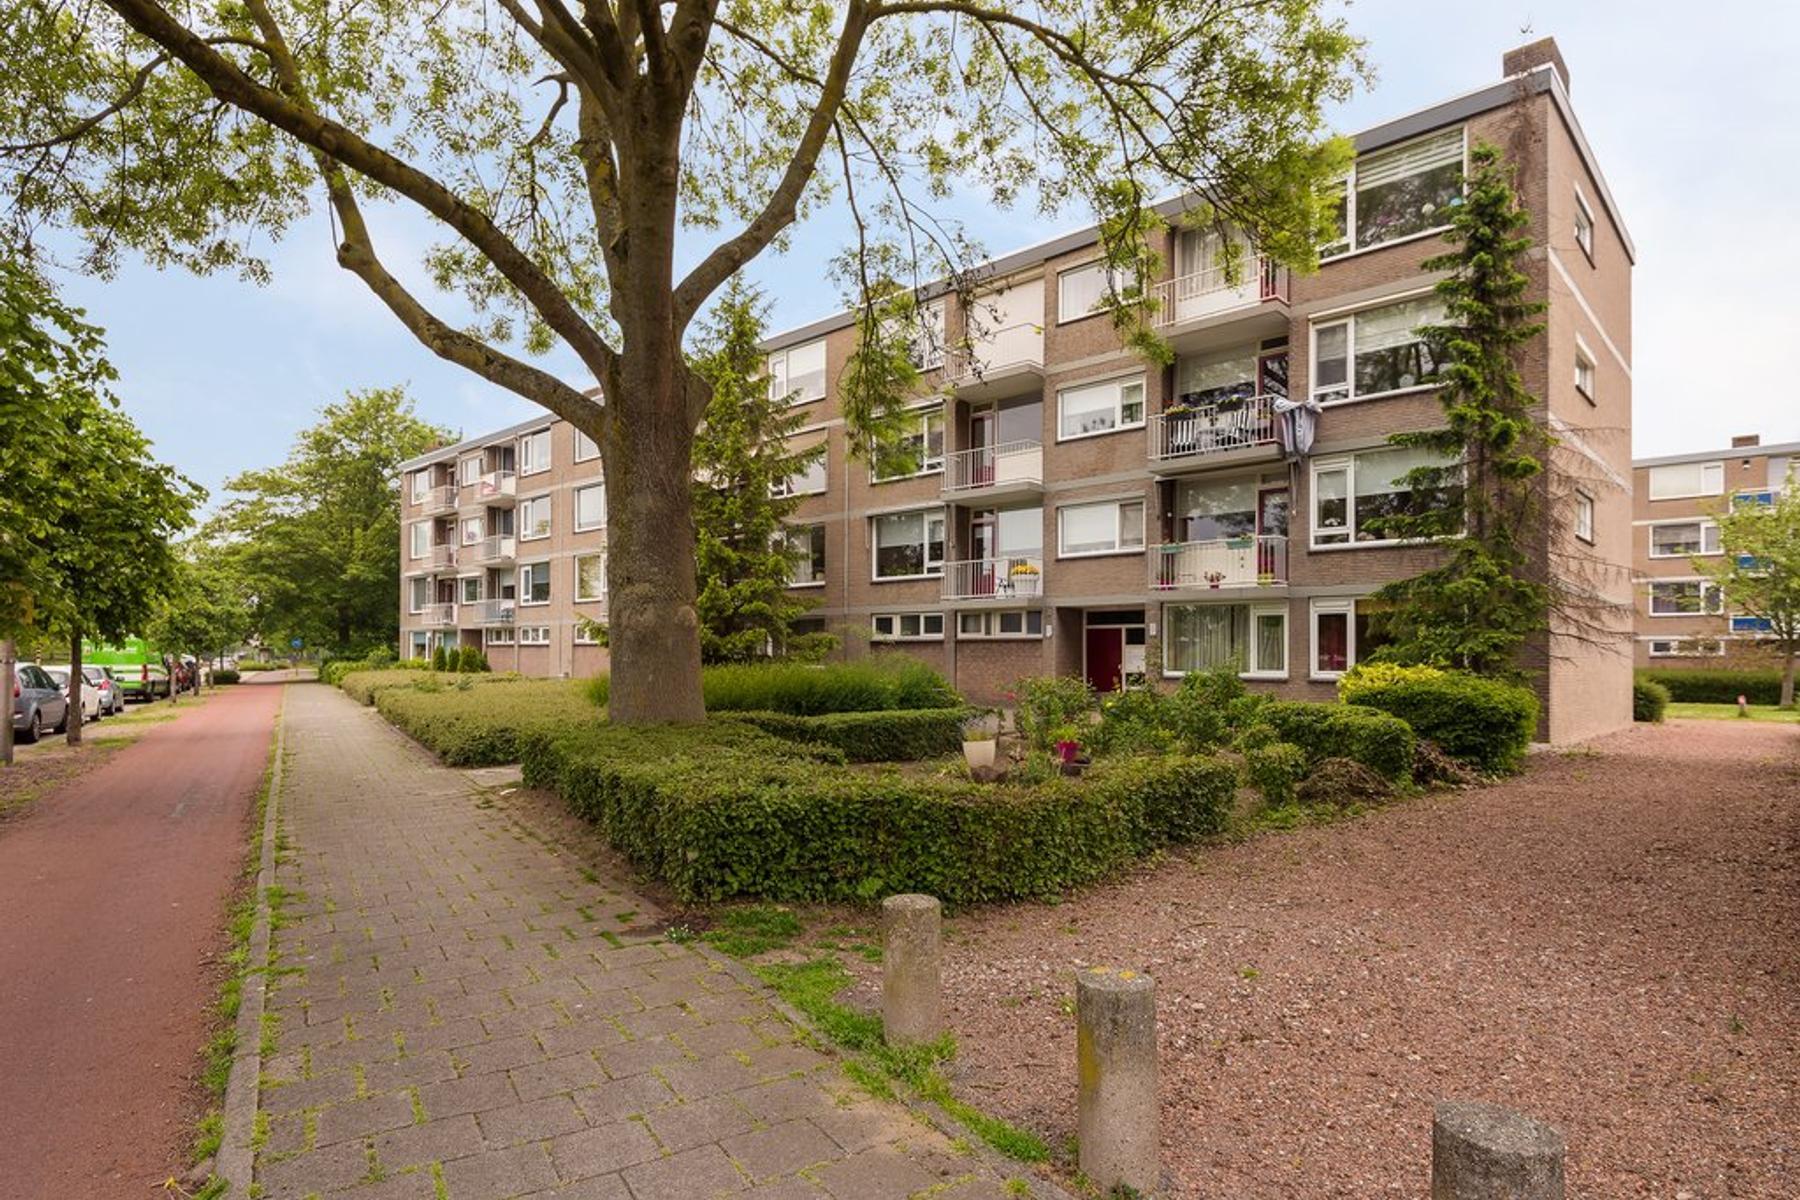 Burgemeester De Zeeuwstraat 258 in Ridderkerk 2981 AH